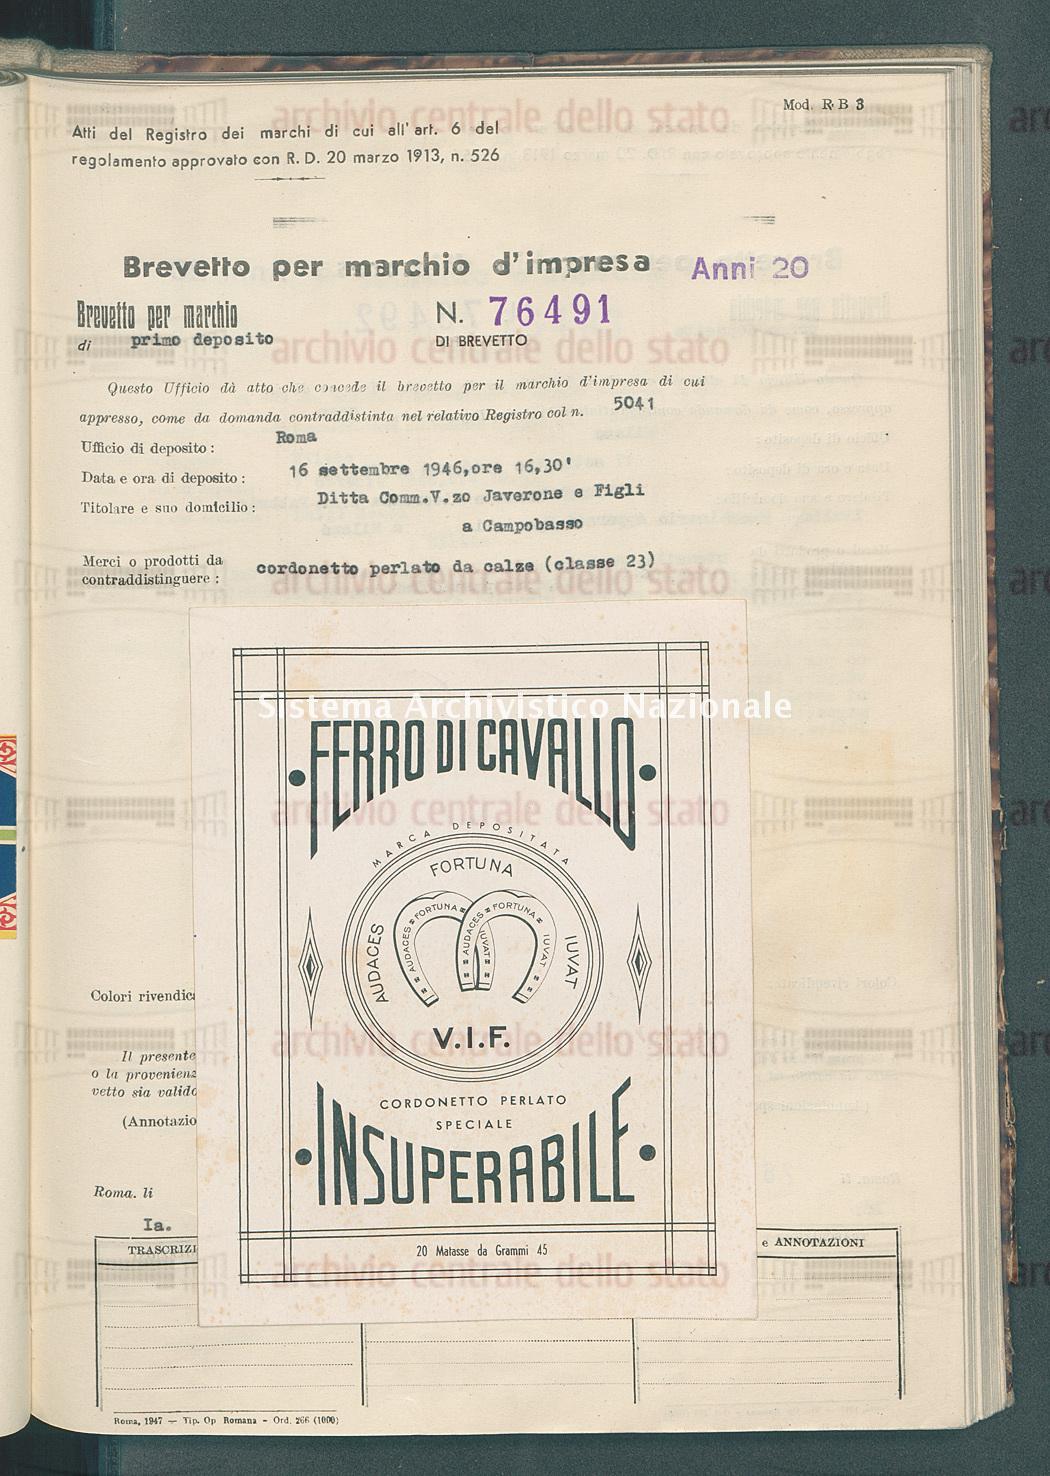 Cordonetto perlato da calze Ditta Comm. V.Zo. Javerone E Figli (28/11/1947)